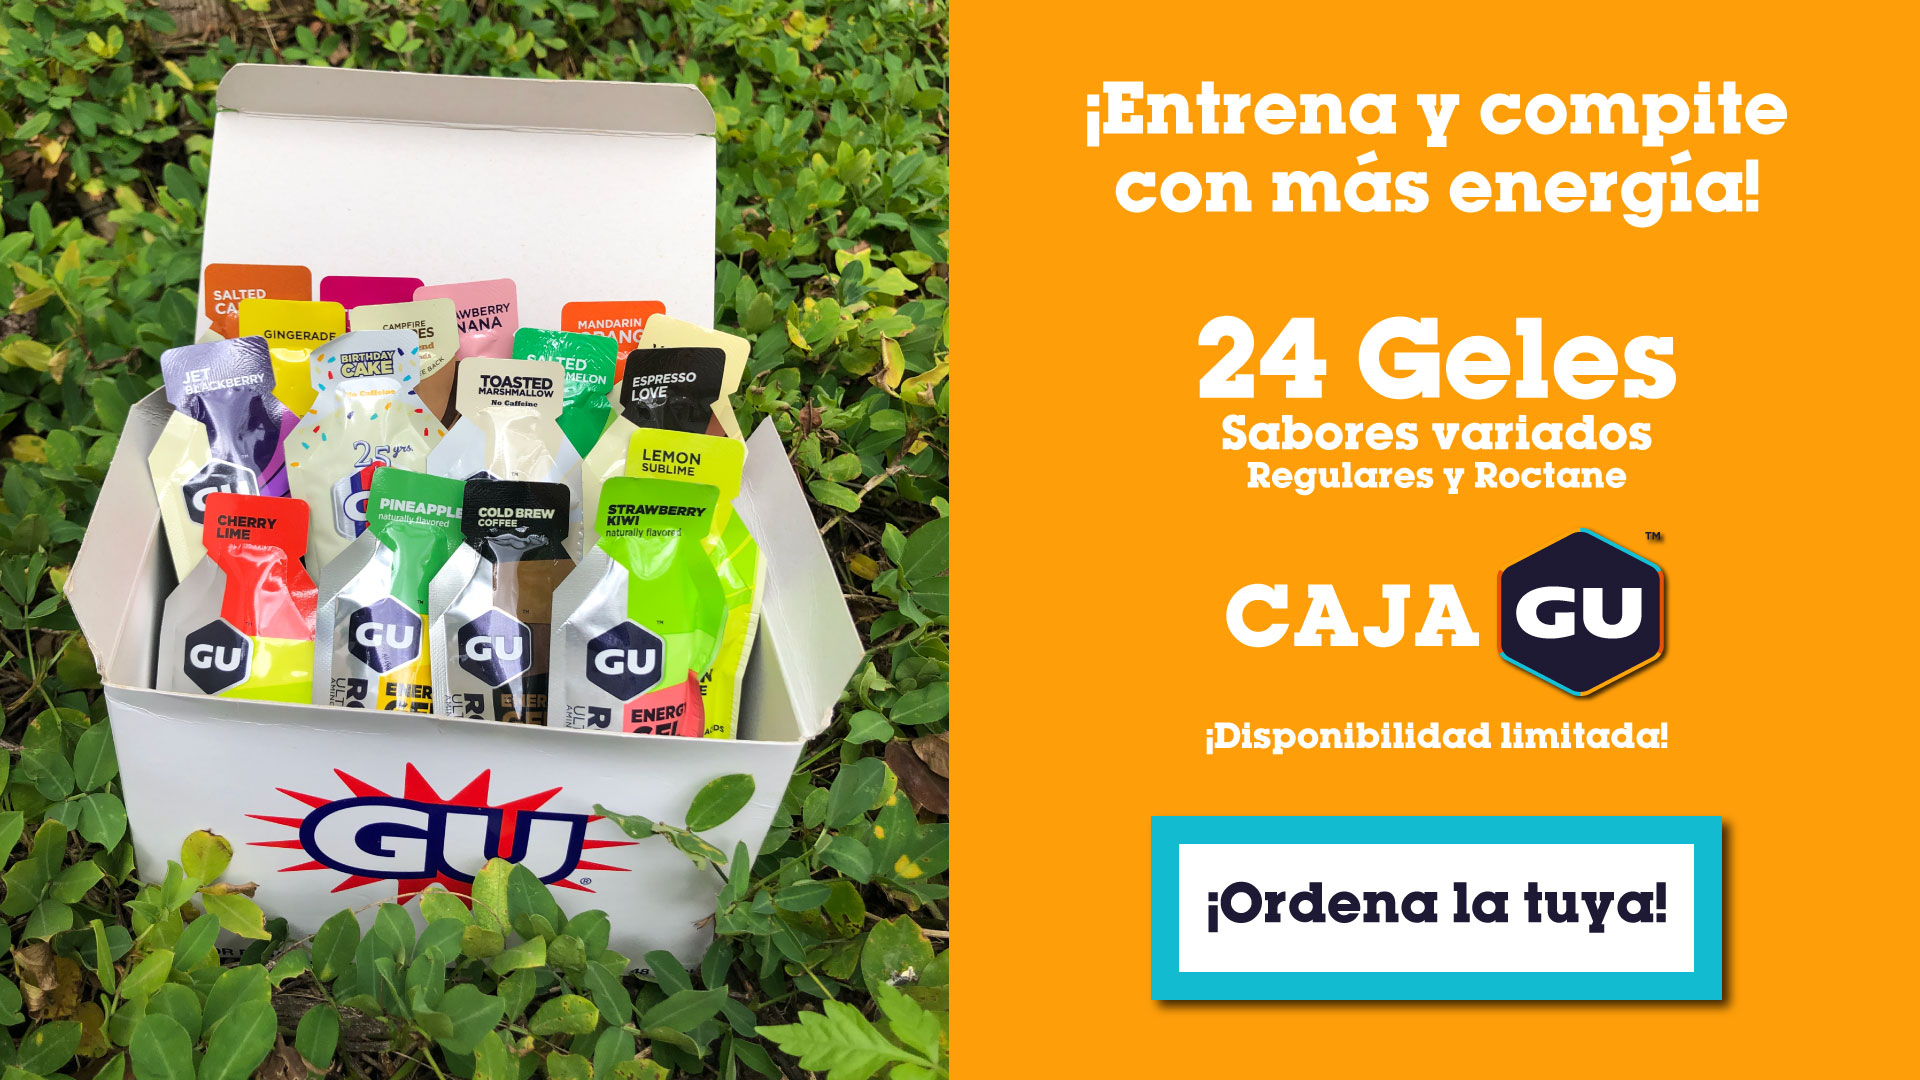 Caja GU - Edición Limitada: 24 Unidades